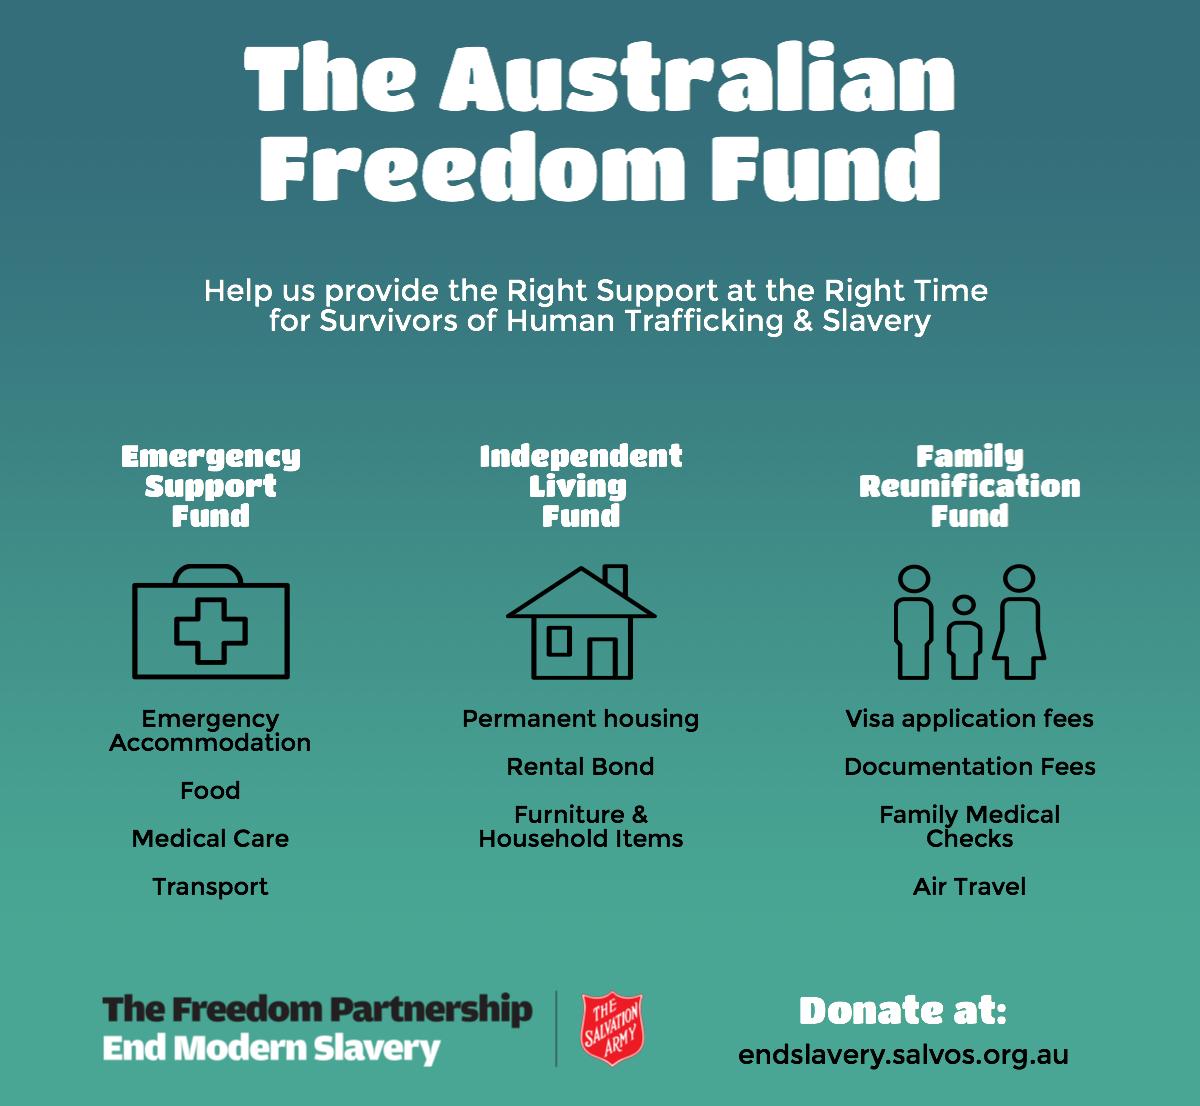 AU Freedom Fund